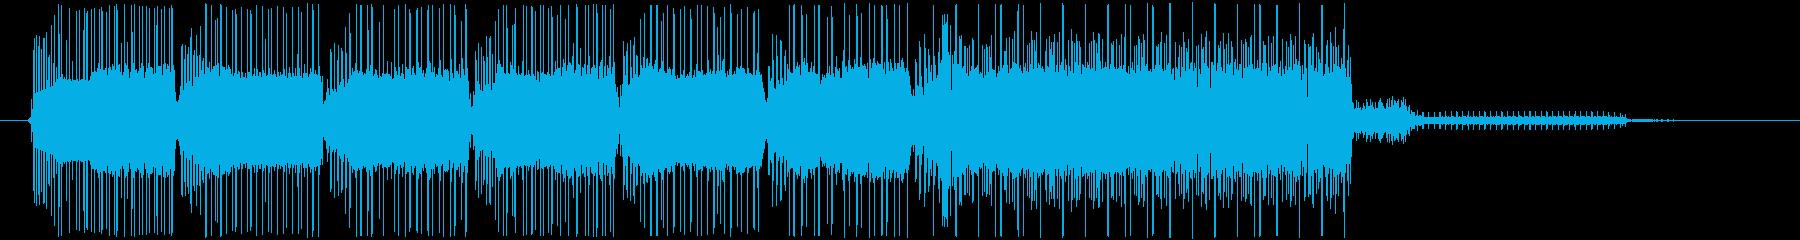 コミカルなレトロなゲームオーバーBGMの再生済みの波形